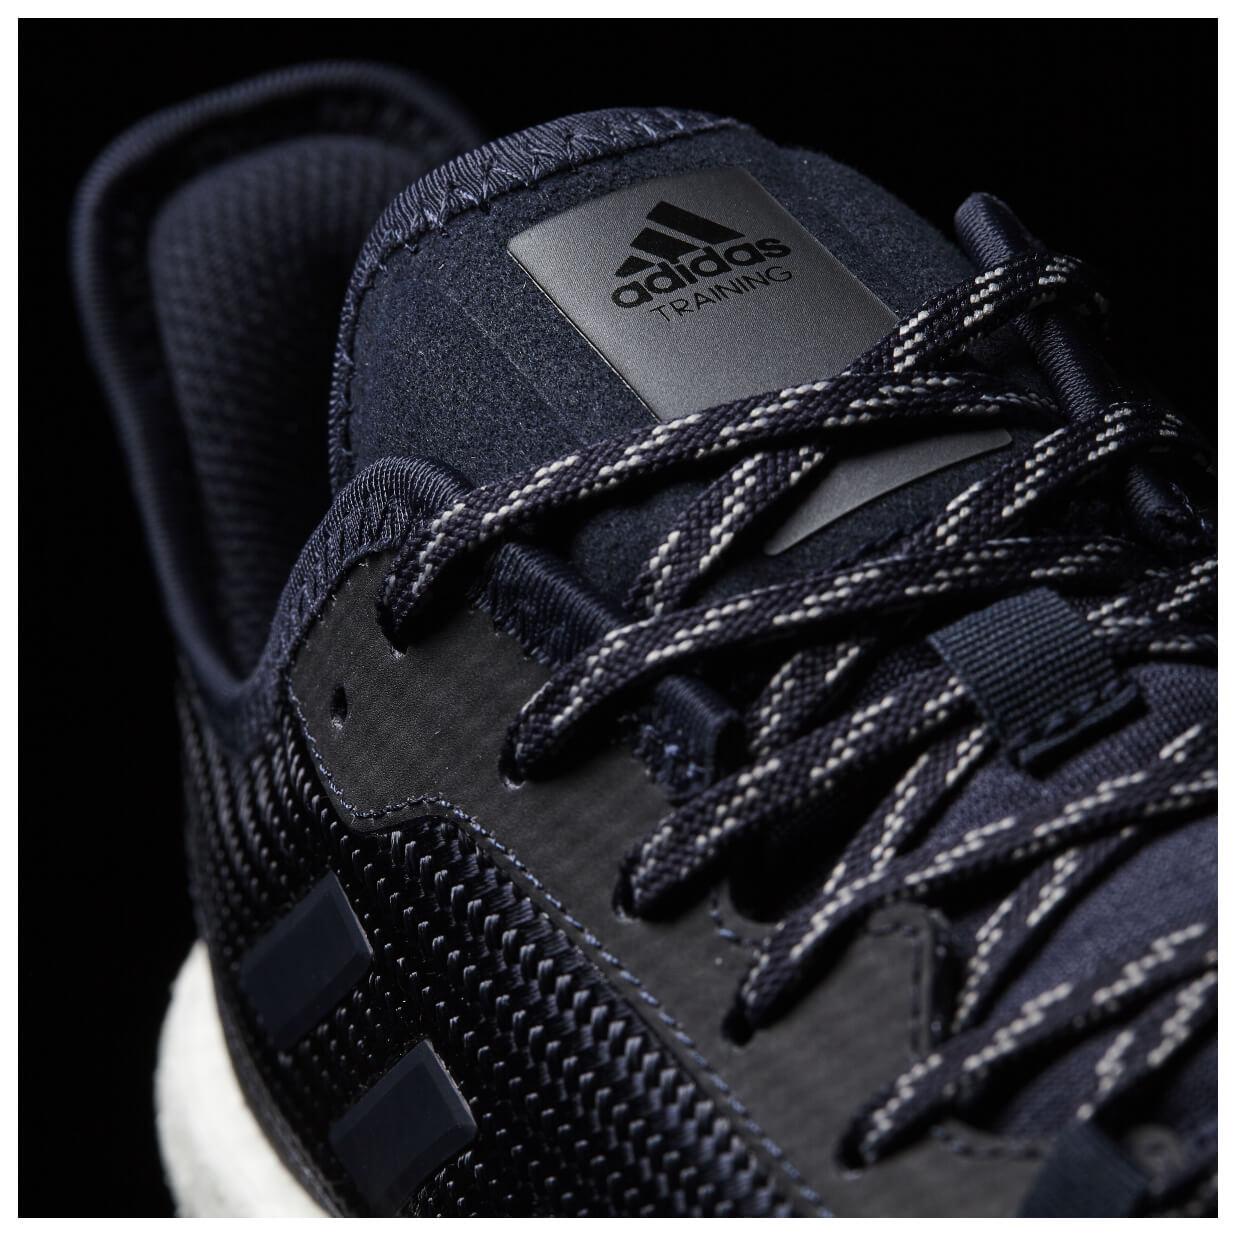 Elite Adidas Crazytrain Fitnessschuh Herren Fitnessschuhe Online oxBeCd